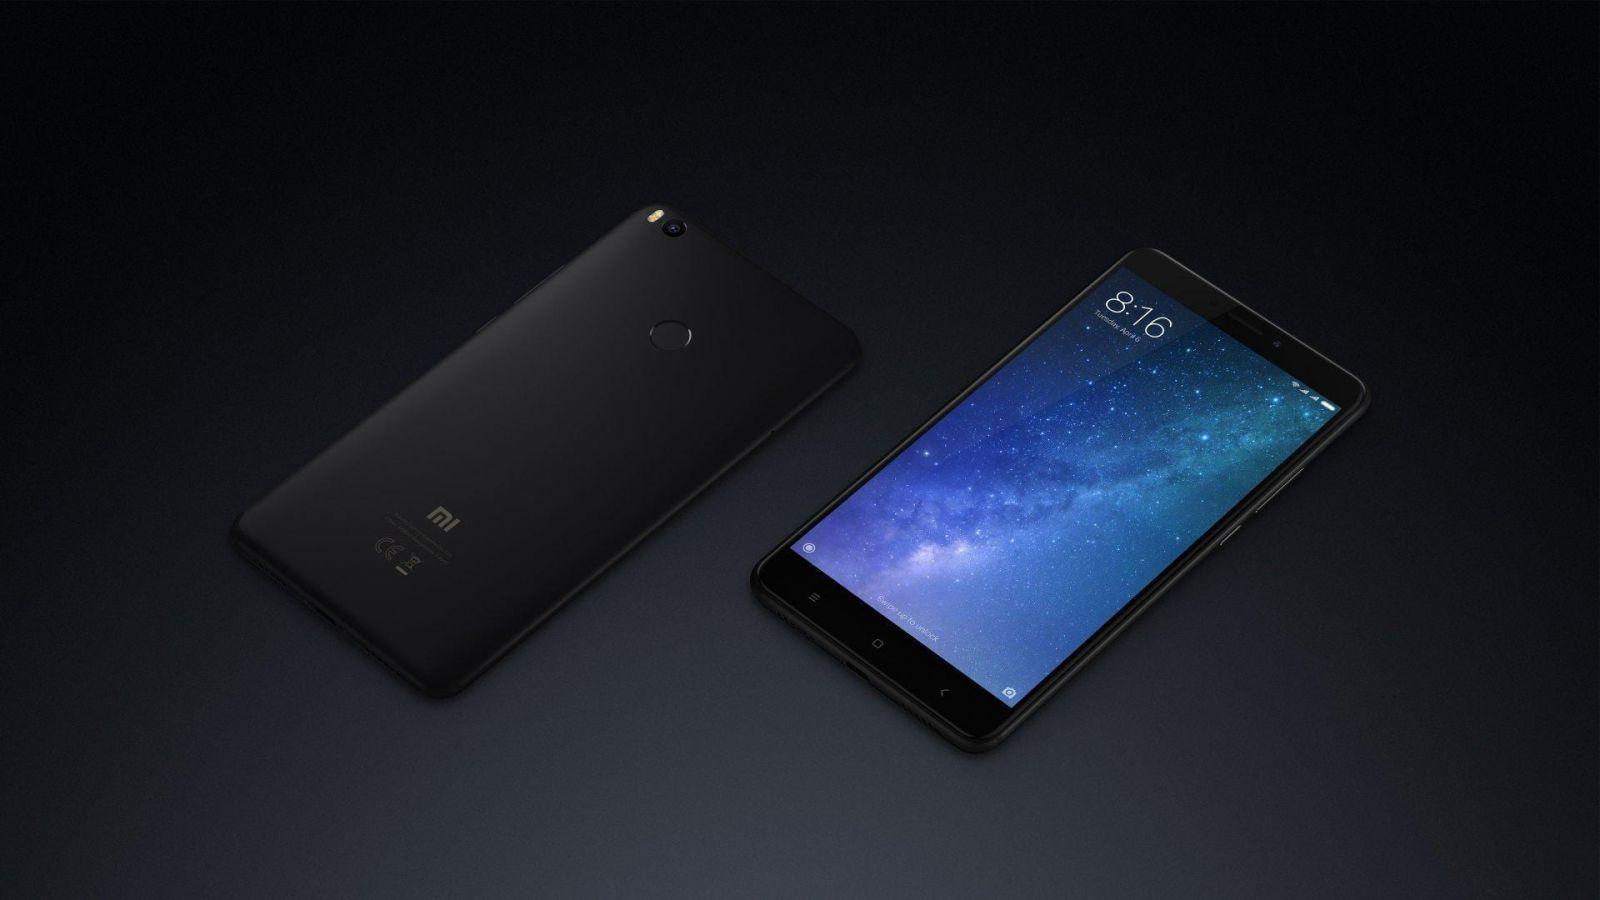 Xiaomi привезла Mi 6 и Mi Max 2 в Россию Xiaomi привезла Mi 6 и Mi Max 2 в Россию